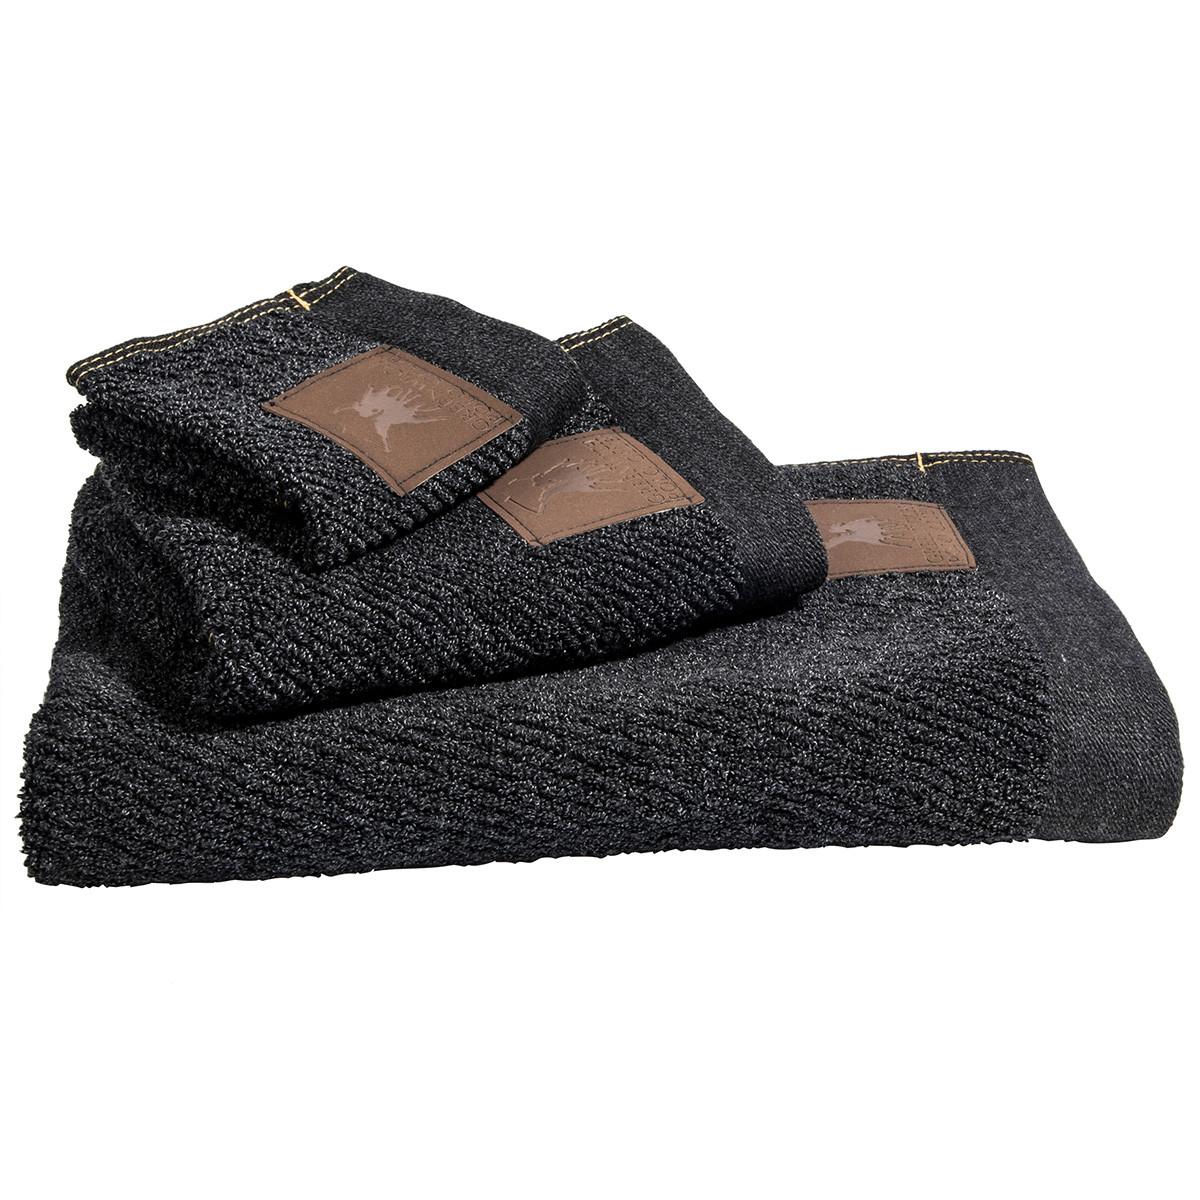 Πετσέτες Μπάνιου (Σετ 3τμχ) Polo Club Essential 2525